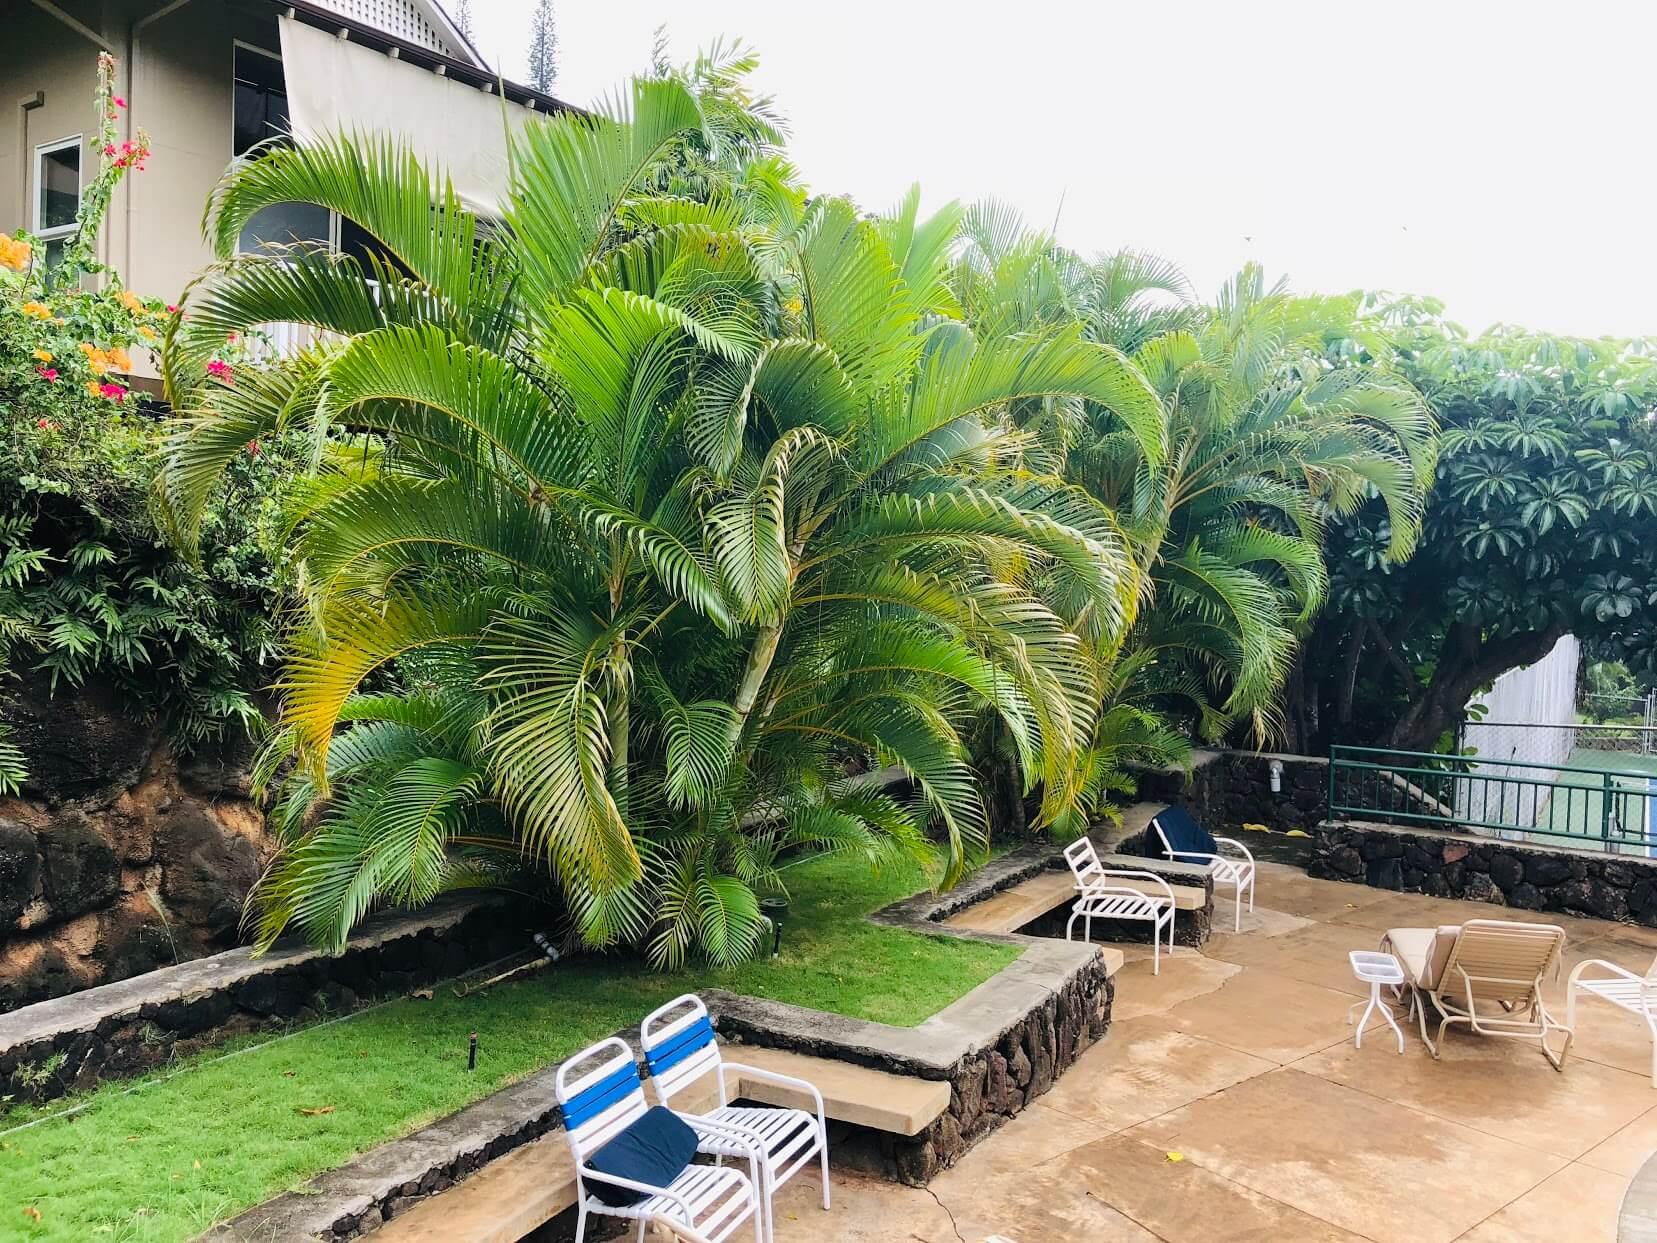 Kalani Iki Estatesの植物